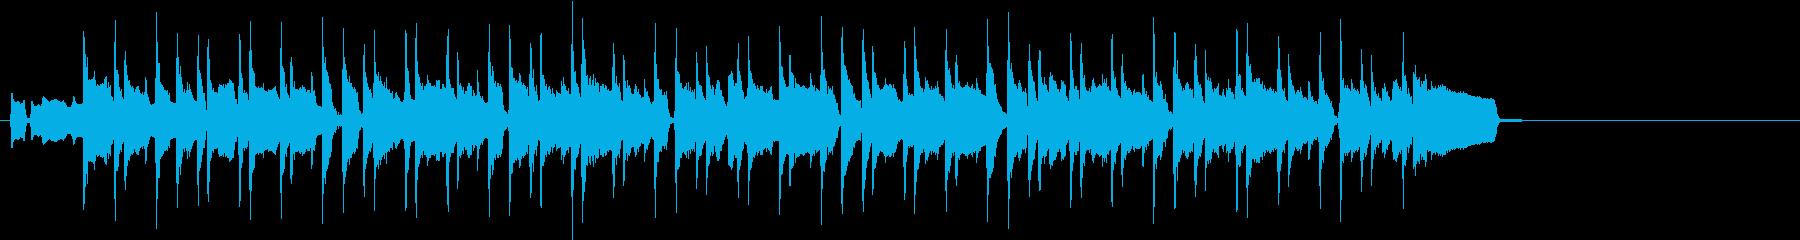 フルート主旋律のボサノヴァジングルの再生済みの波形